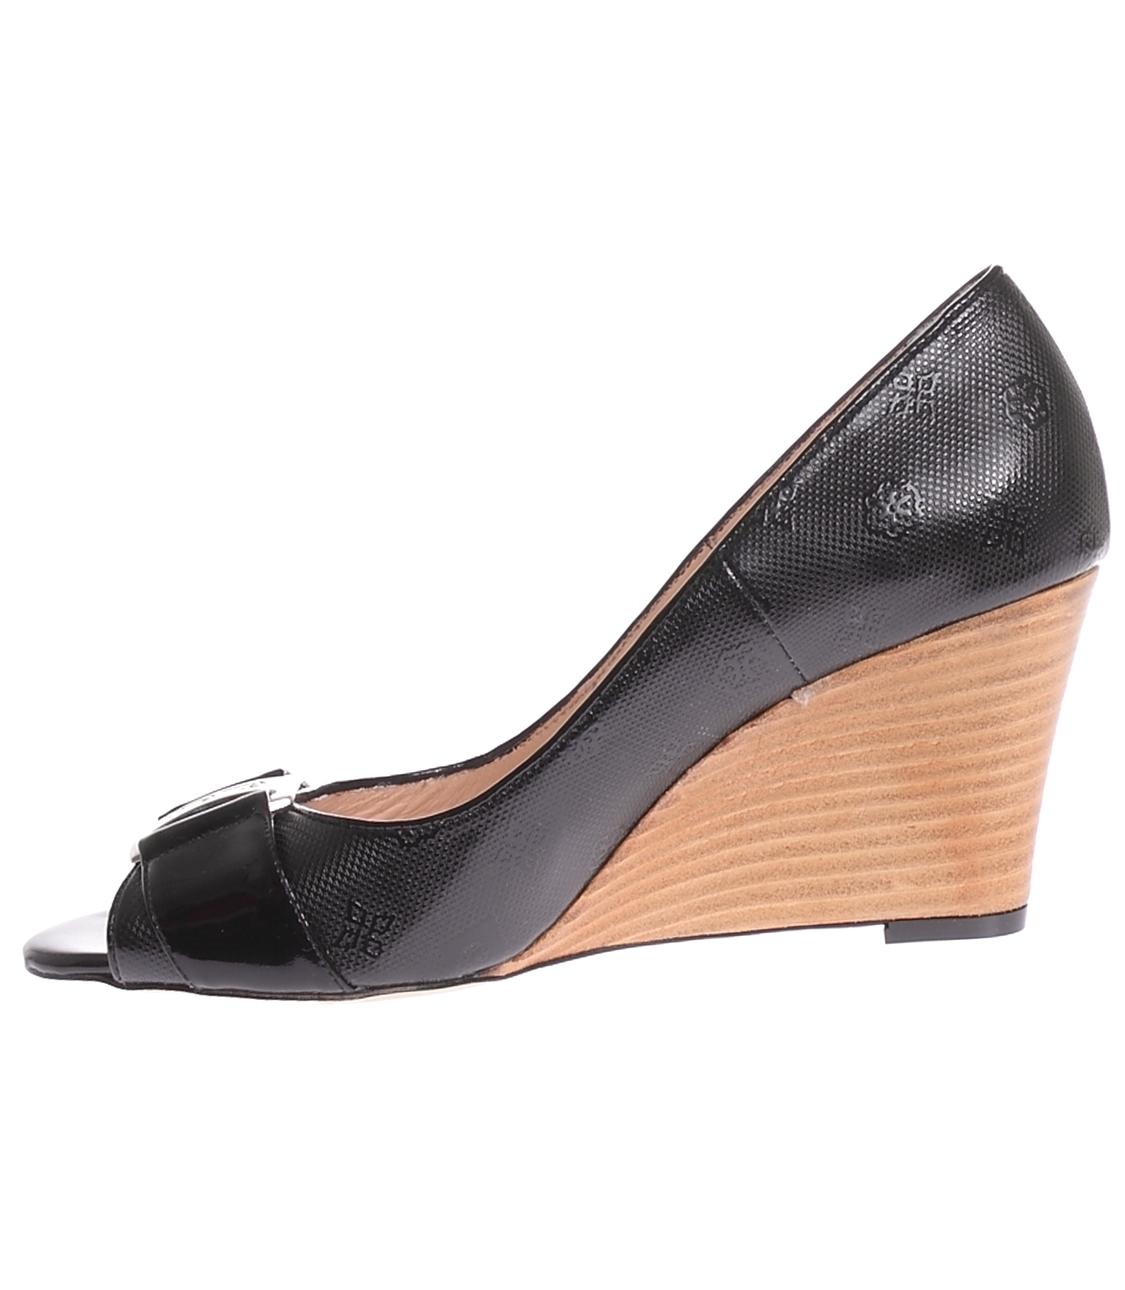 36 Siyah Pierre Cardin Dolgu Tpklu Ayakkabi 5000031065005 Ayakkabı & Çanta Kadın Topuk